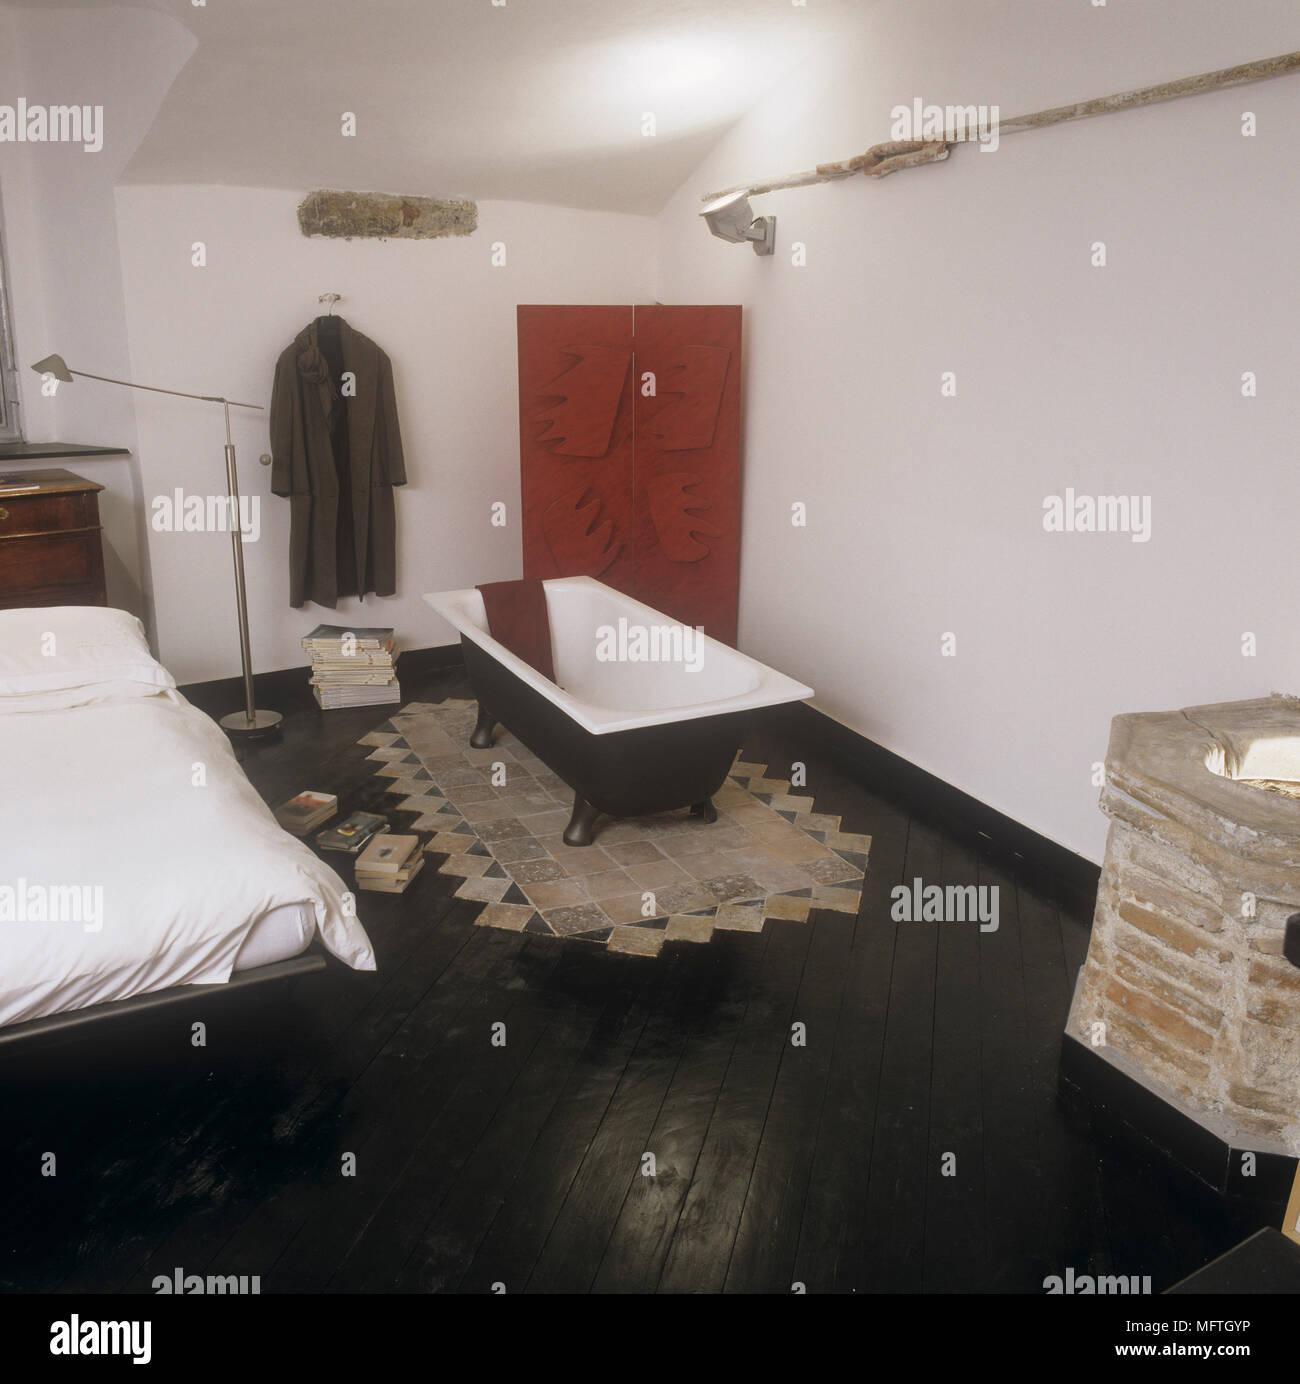 Schlafzimmer mit Doppelbett und freistehende Badewanne Stockfoto ...